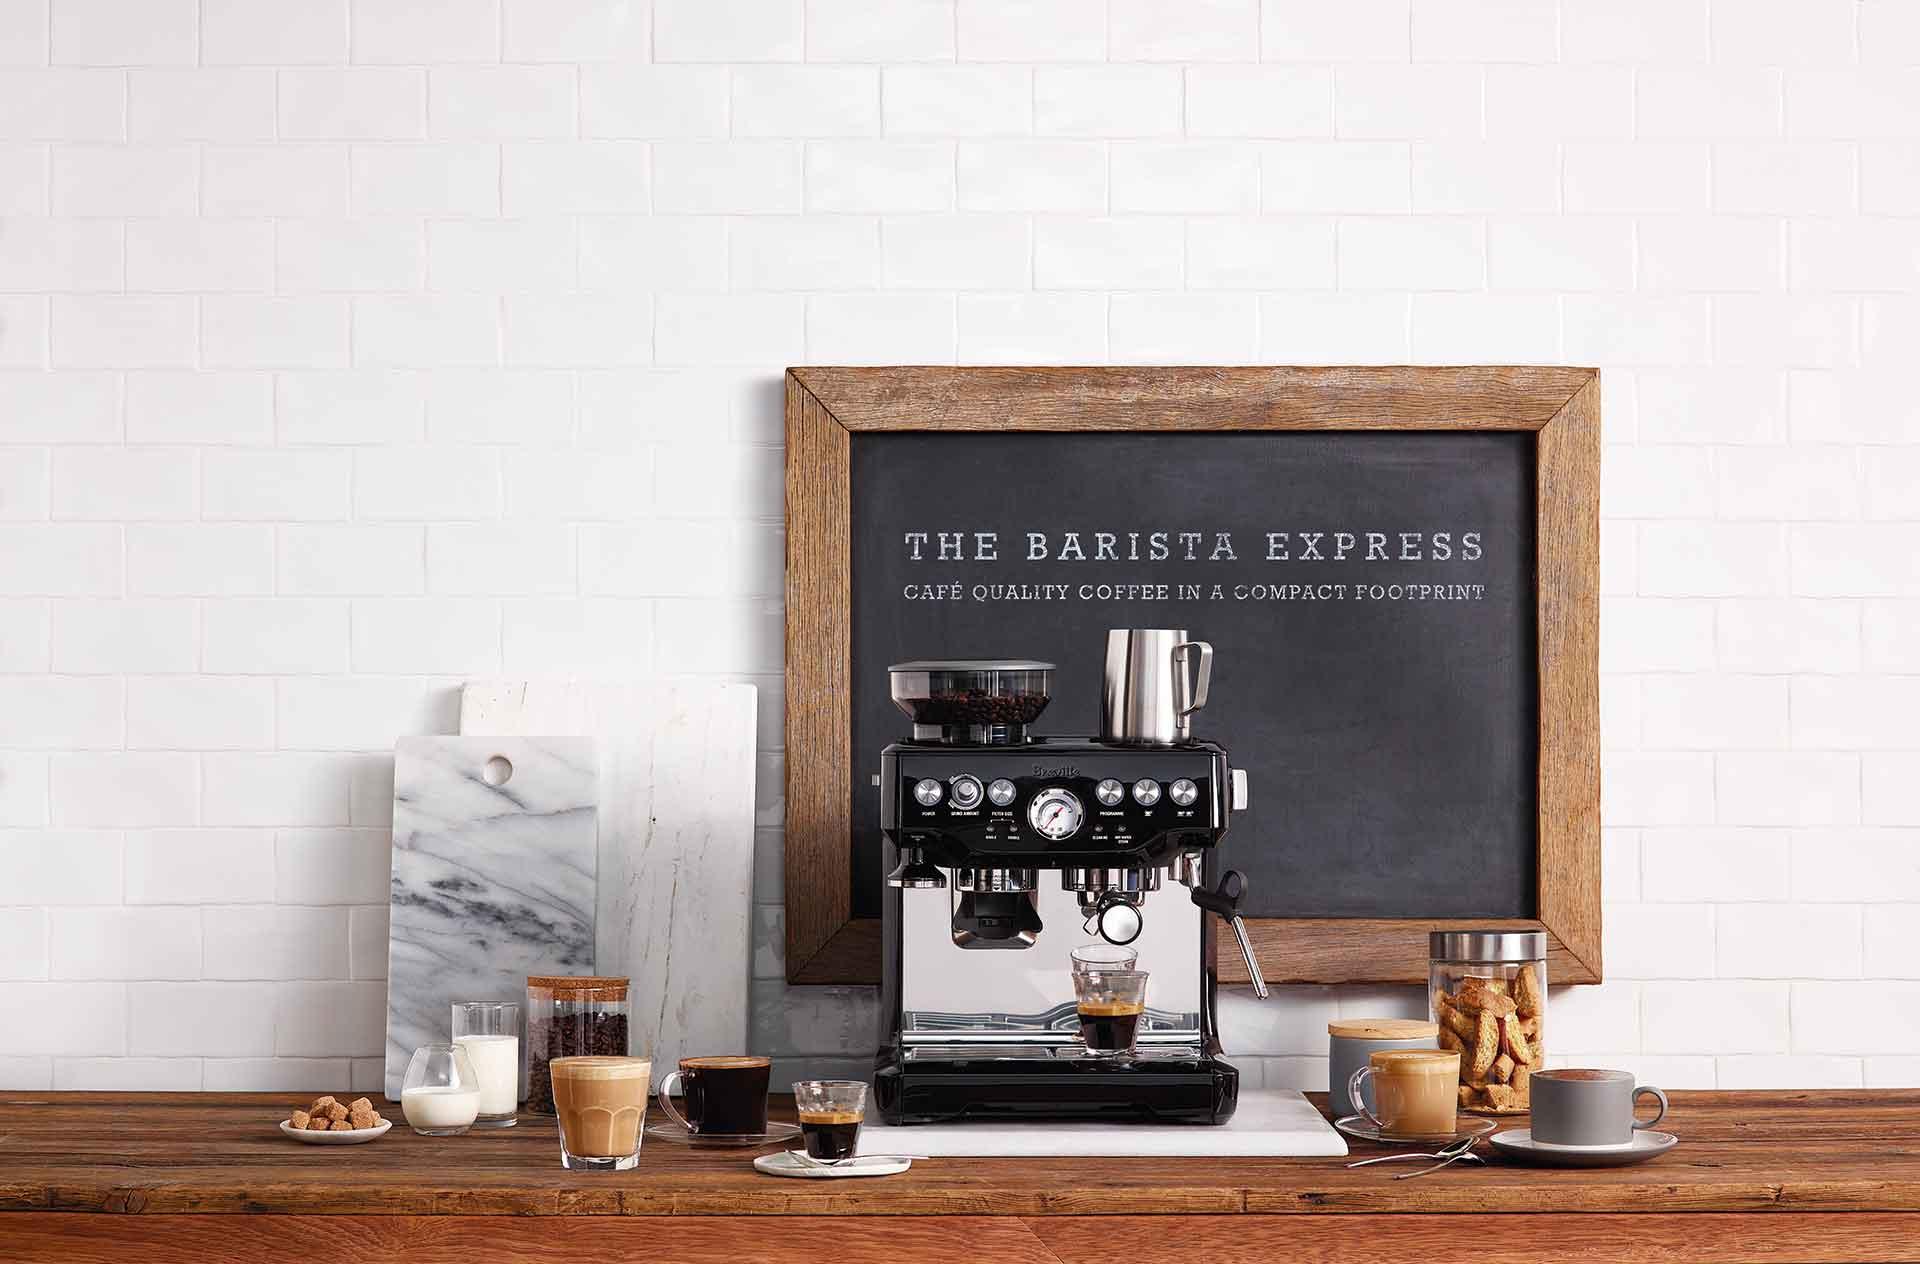 Breville cafe